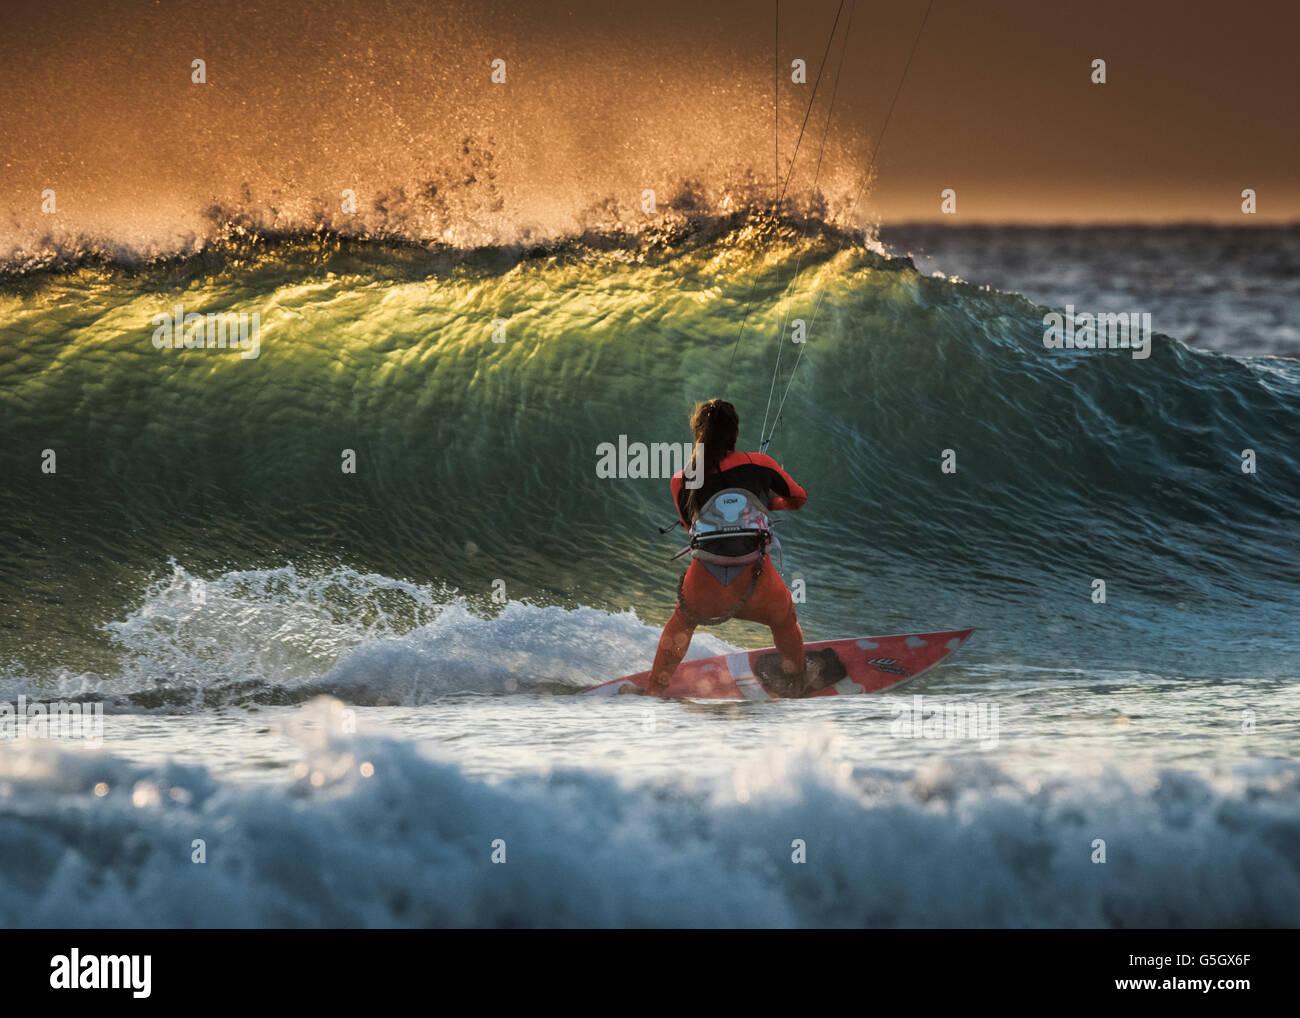 Kitesurfer montando una onda en Tarifa, Costa de la Luz, Cádiz, Andalucía, España, el sur de Europa. Imagen De Stock